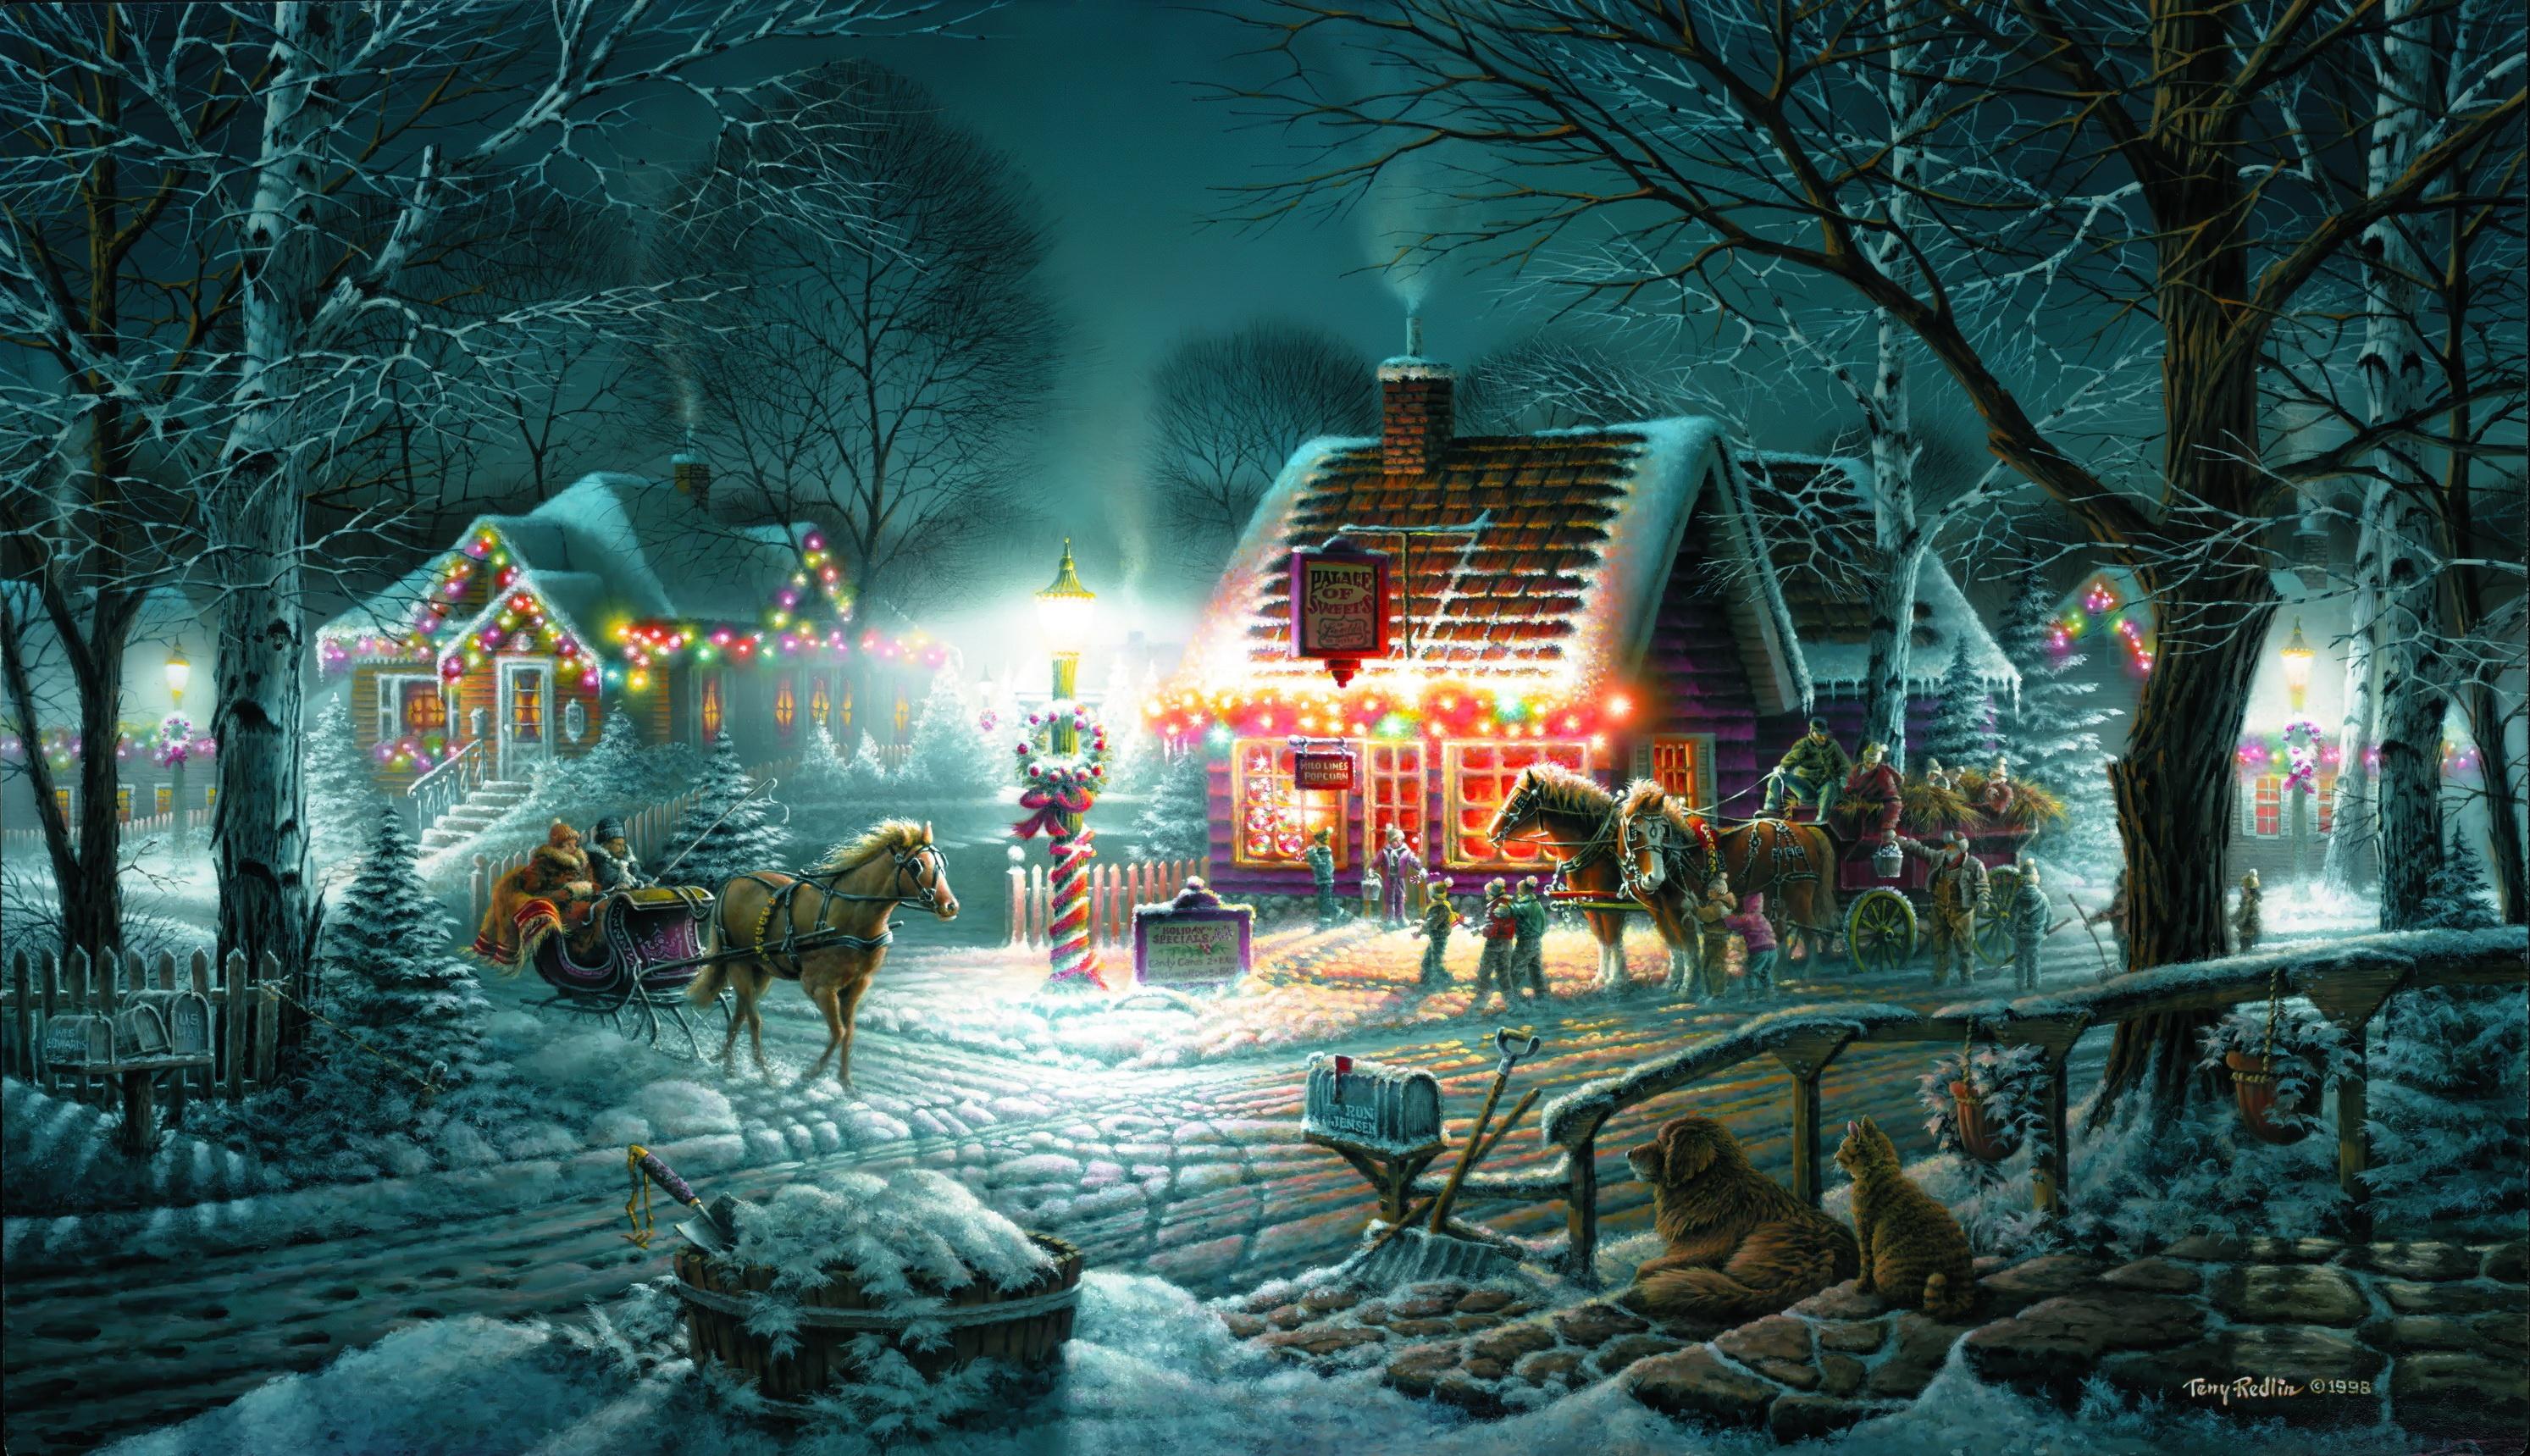 Сказочные Новогодние Обои На Рабочий Стол